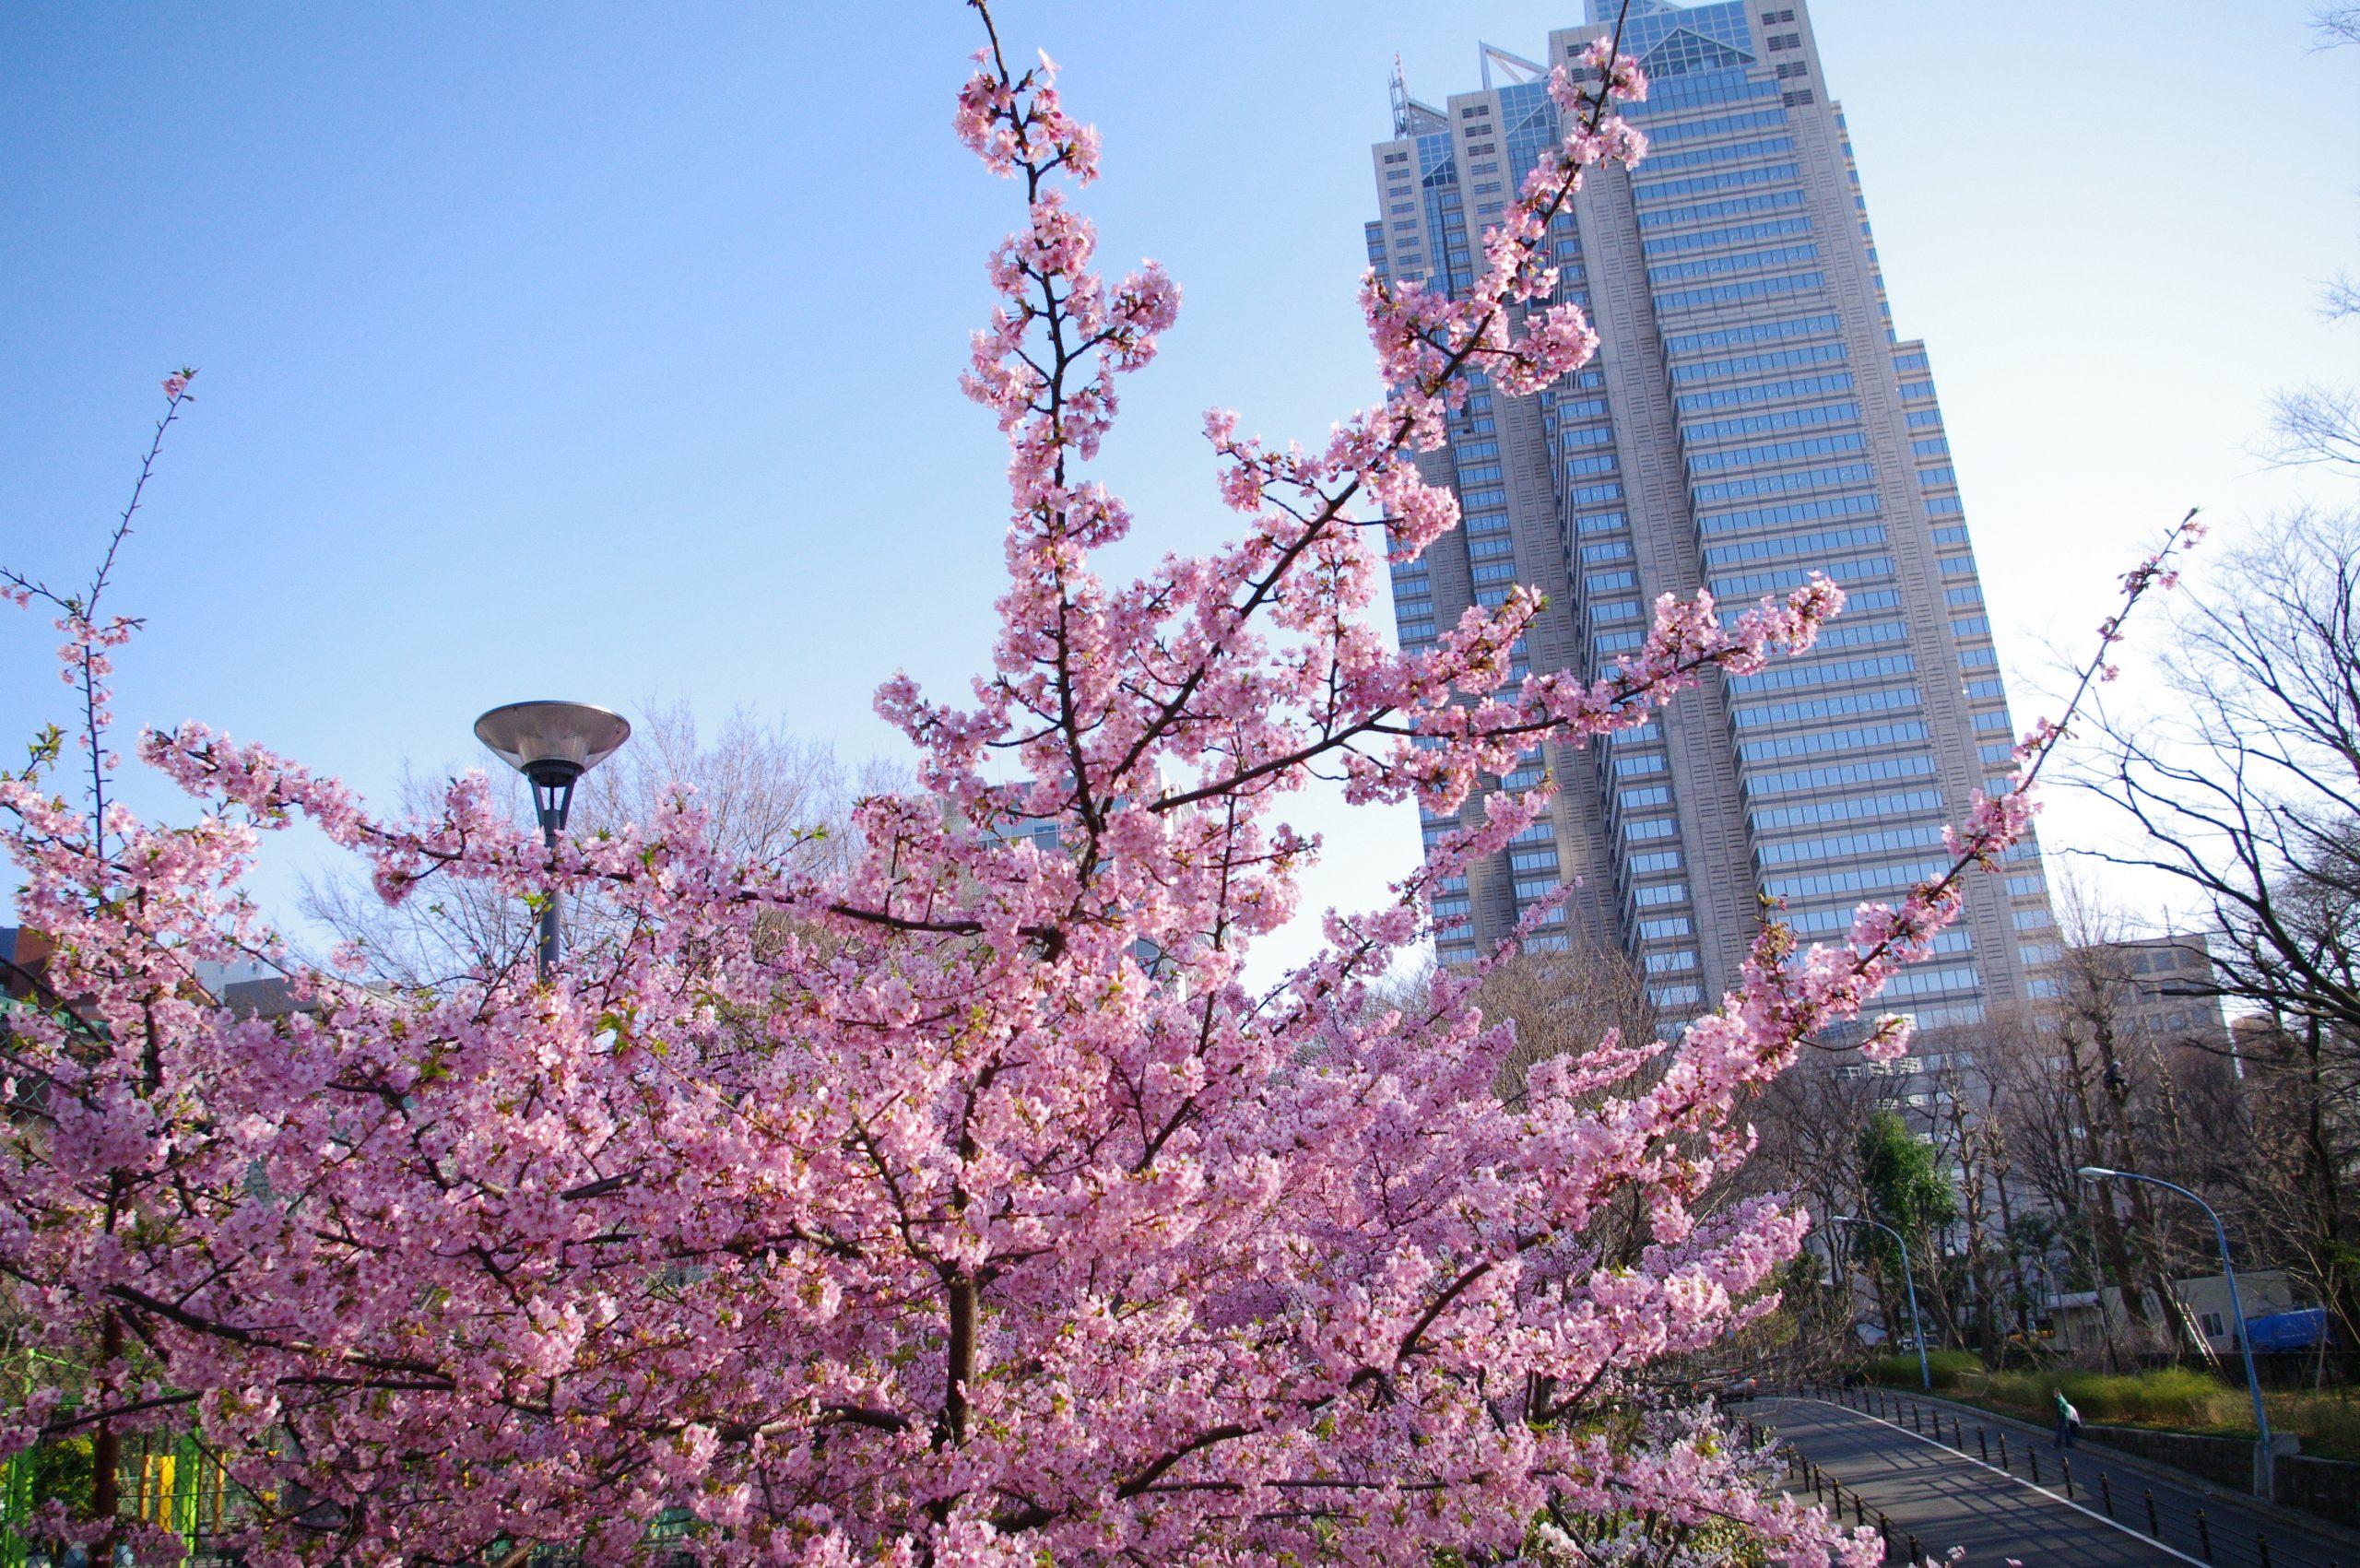 【PENTAX】愛機と行く新宿中央公園